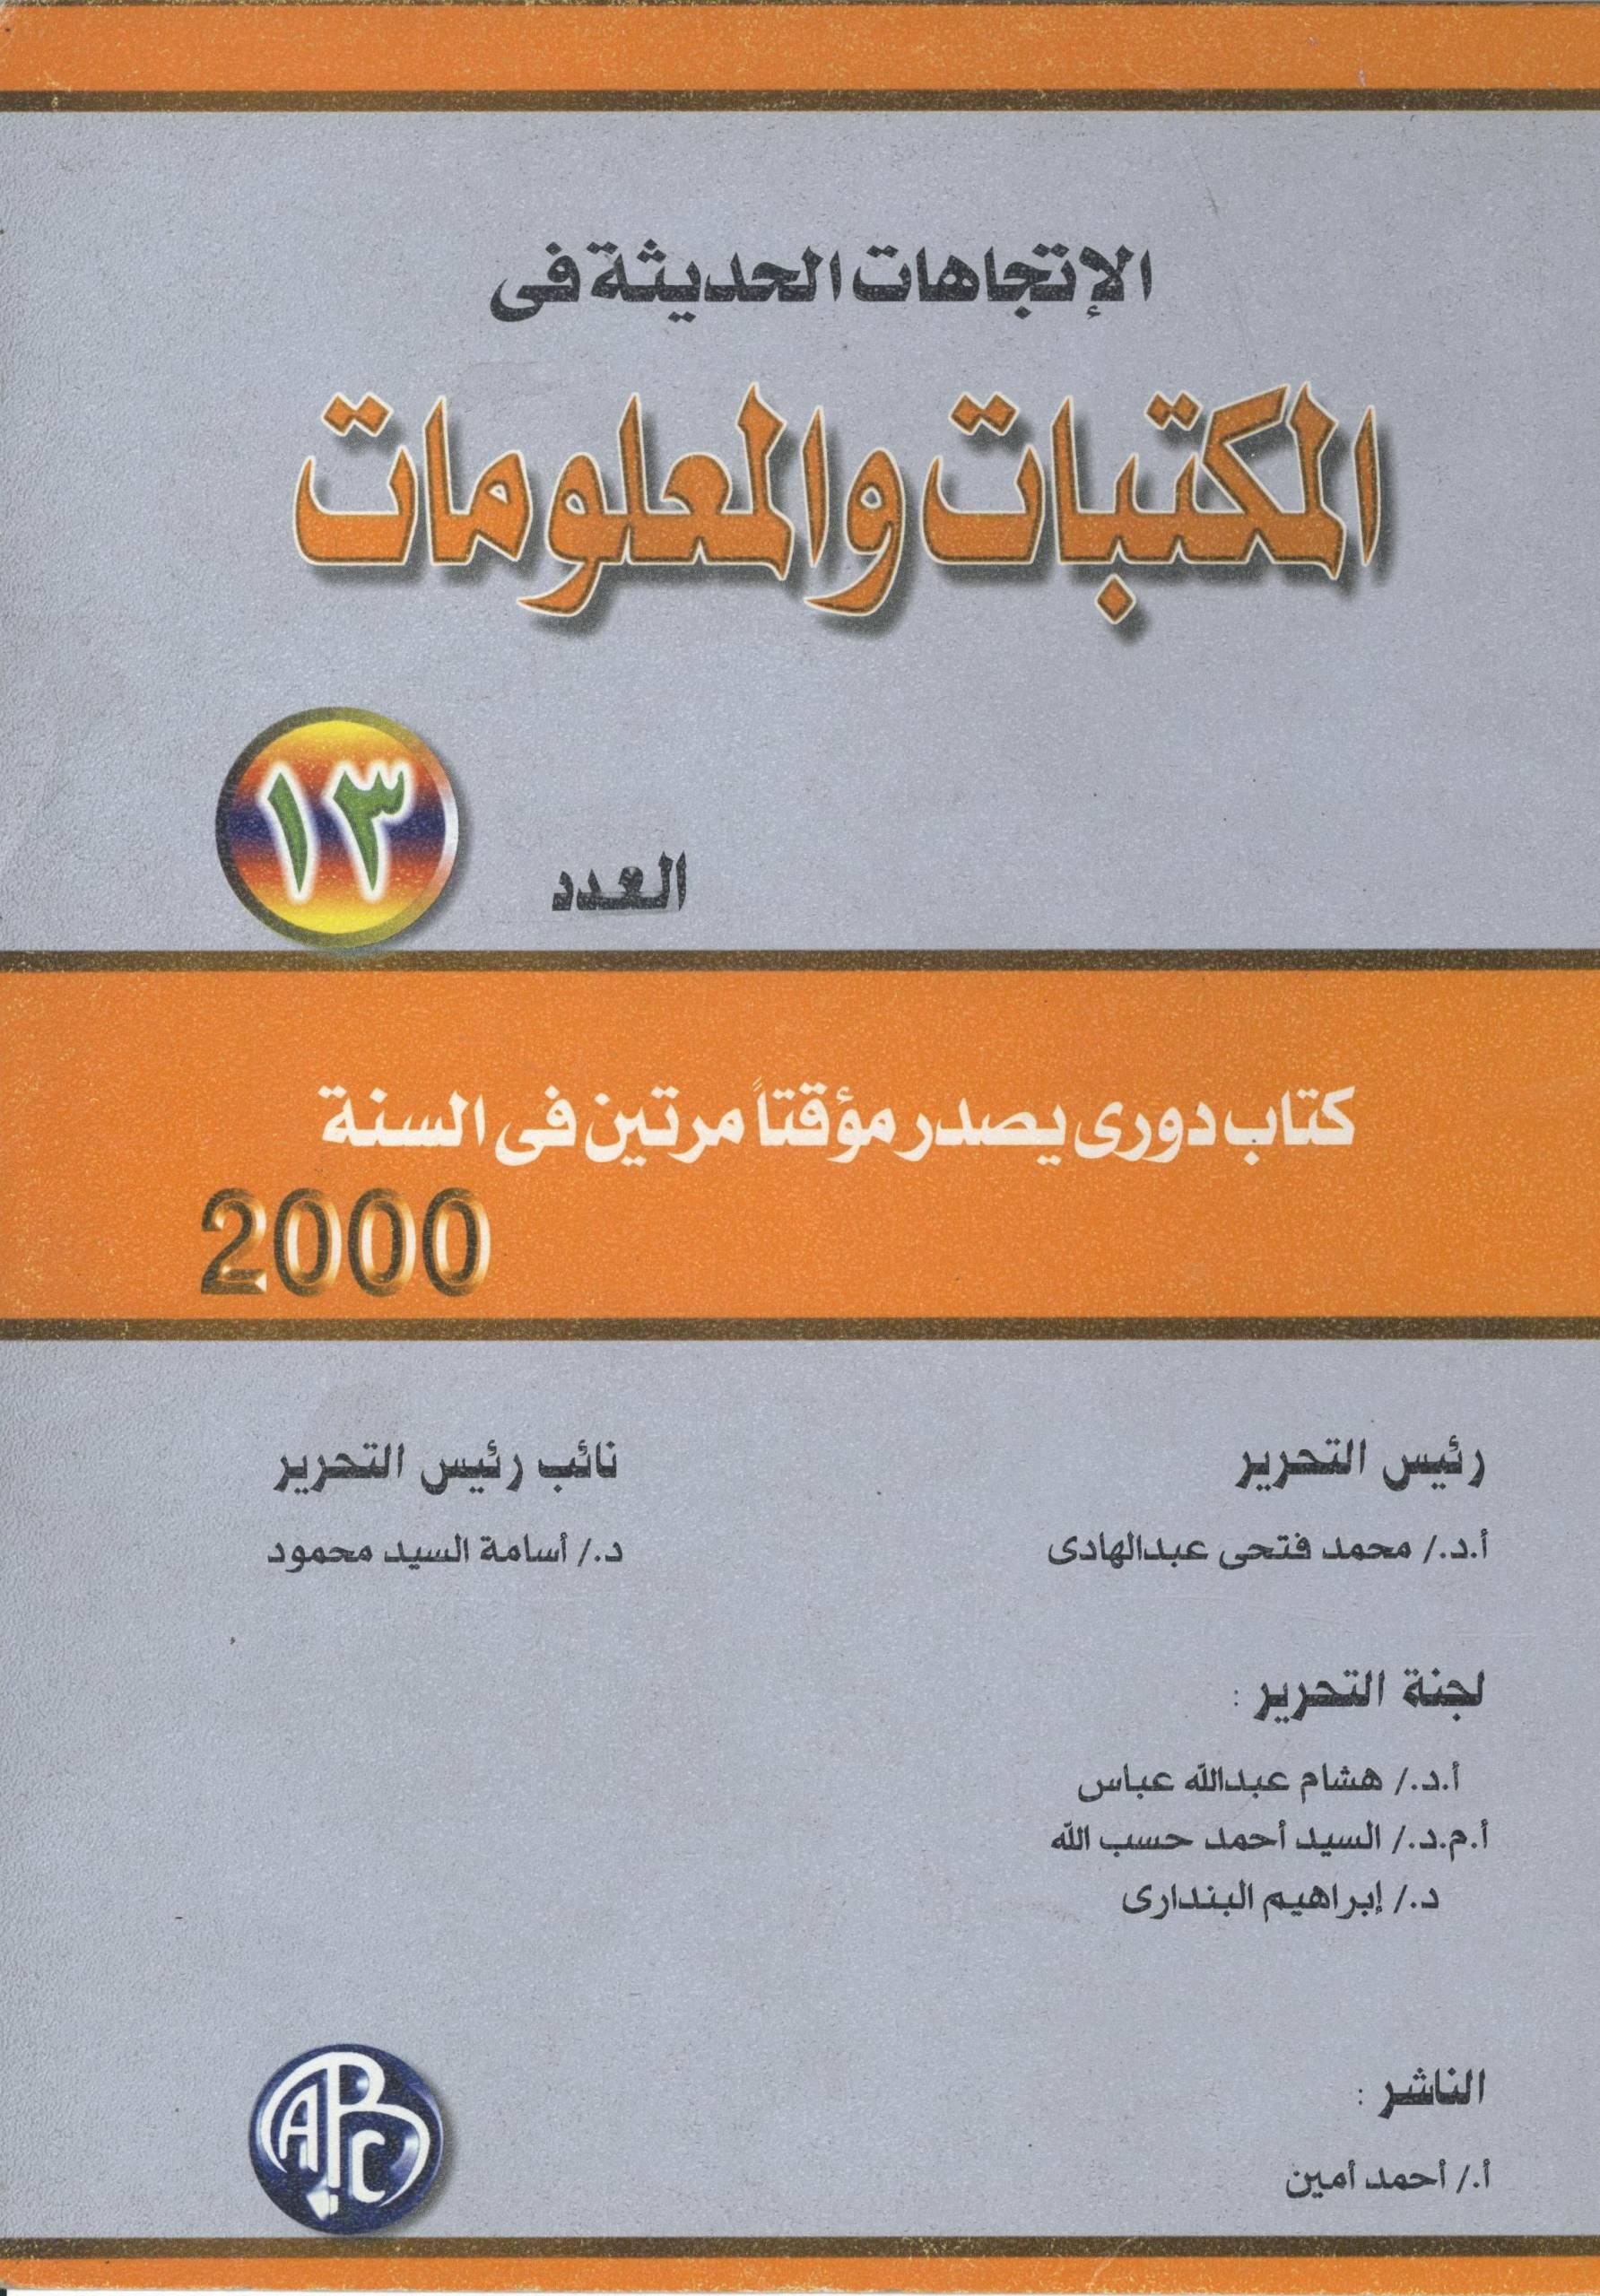 الاتجاهات الحديثة فى المكتبات و المعلومات- العدد الثالث عشر